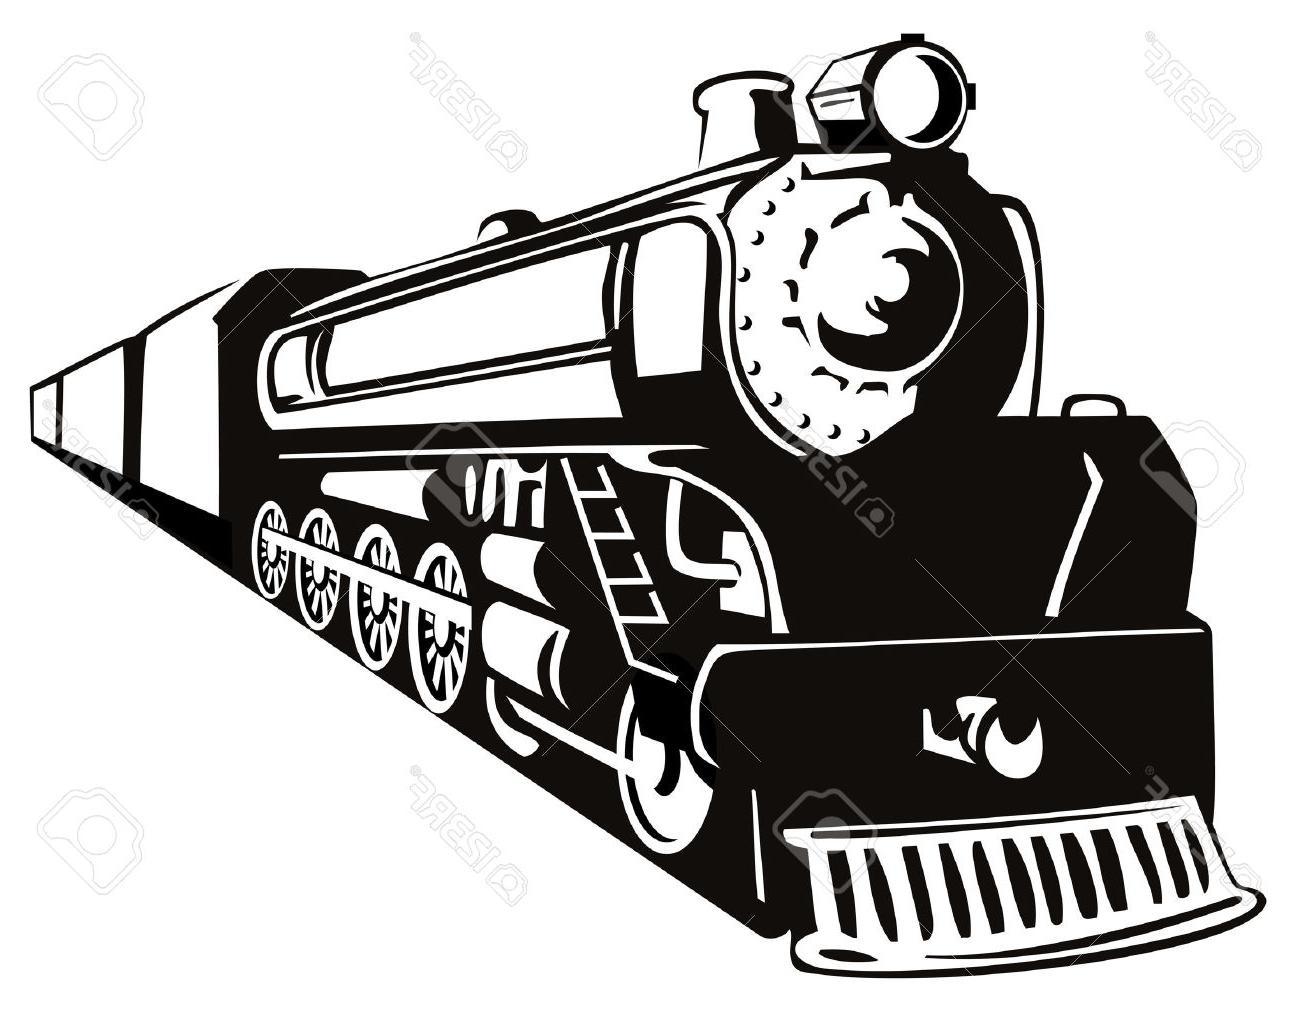 1300x1014 Top 10 Lo Otive Clipart Steam Train Image